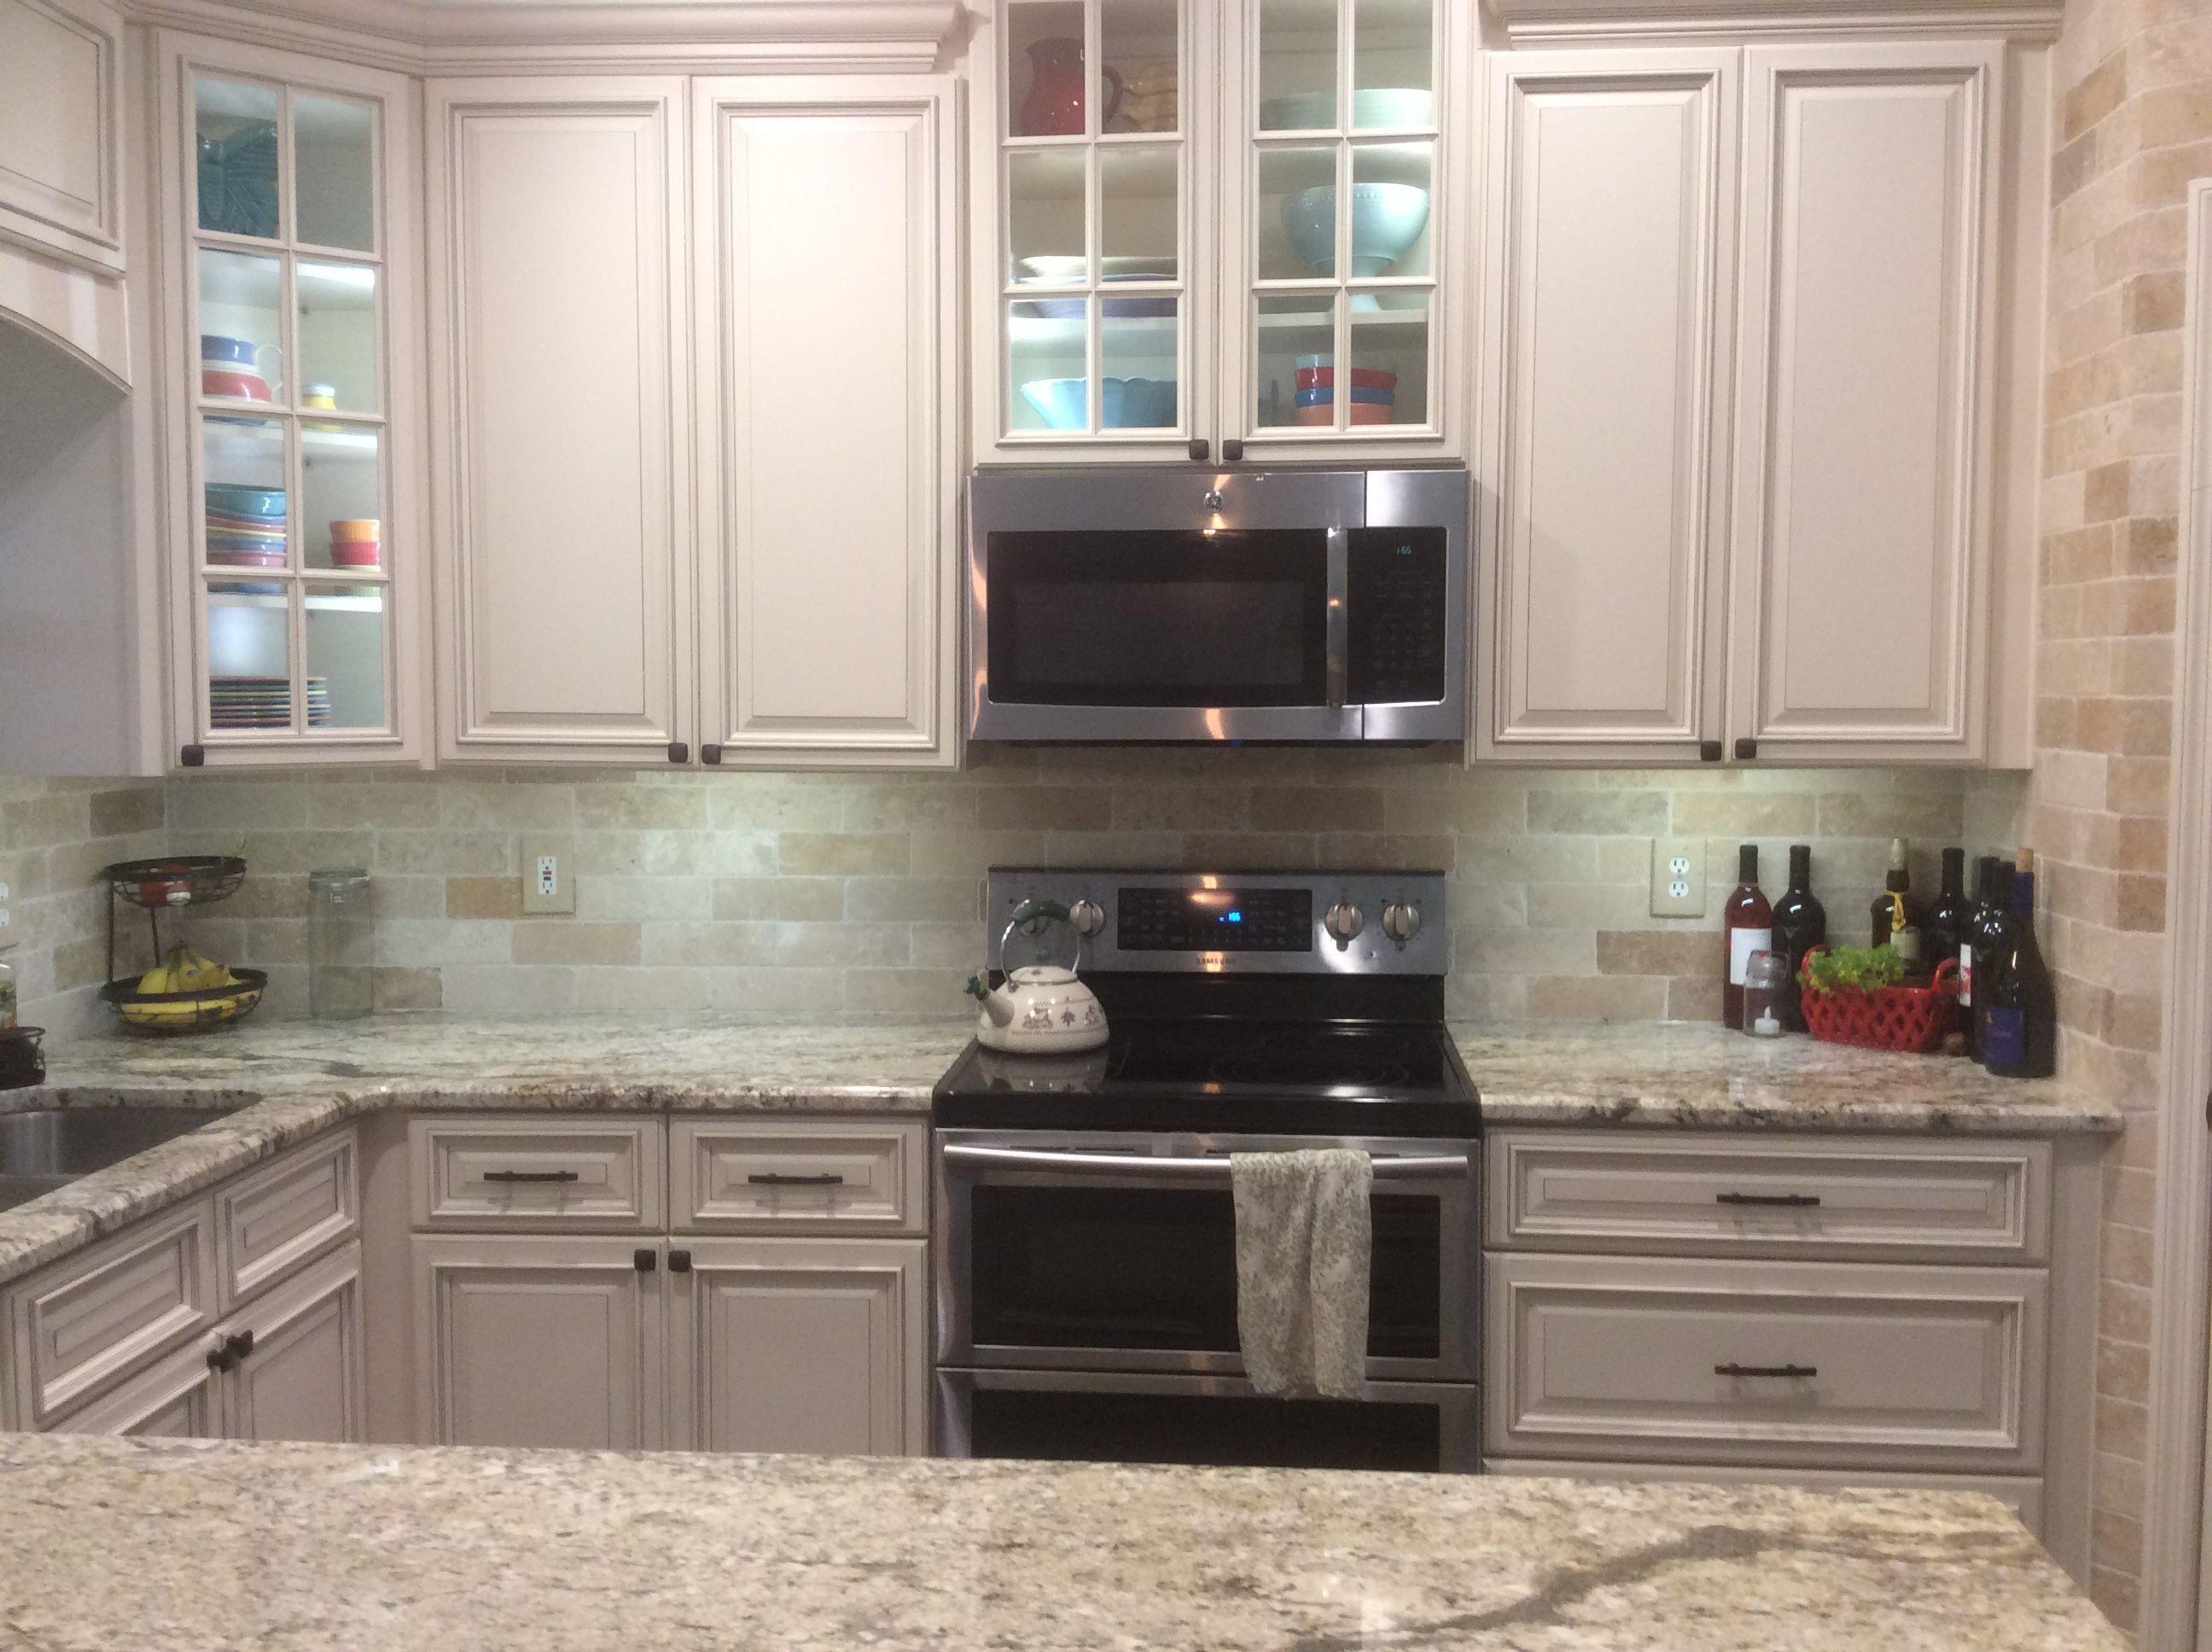 Top 15 Best Materials For Kitchen Countertops 2021 Backsplash For White Cabinets Kitchen Countertops Best Kitchen Countertops